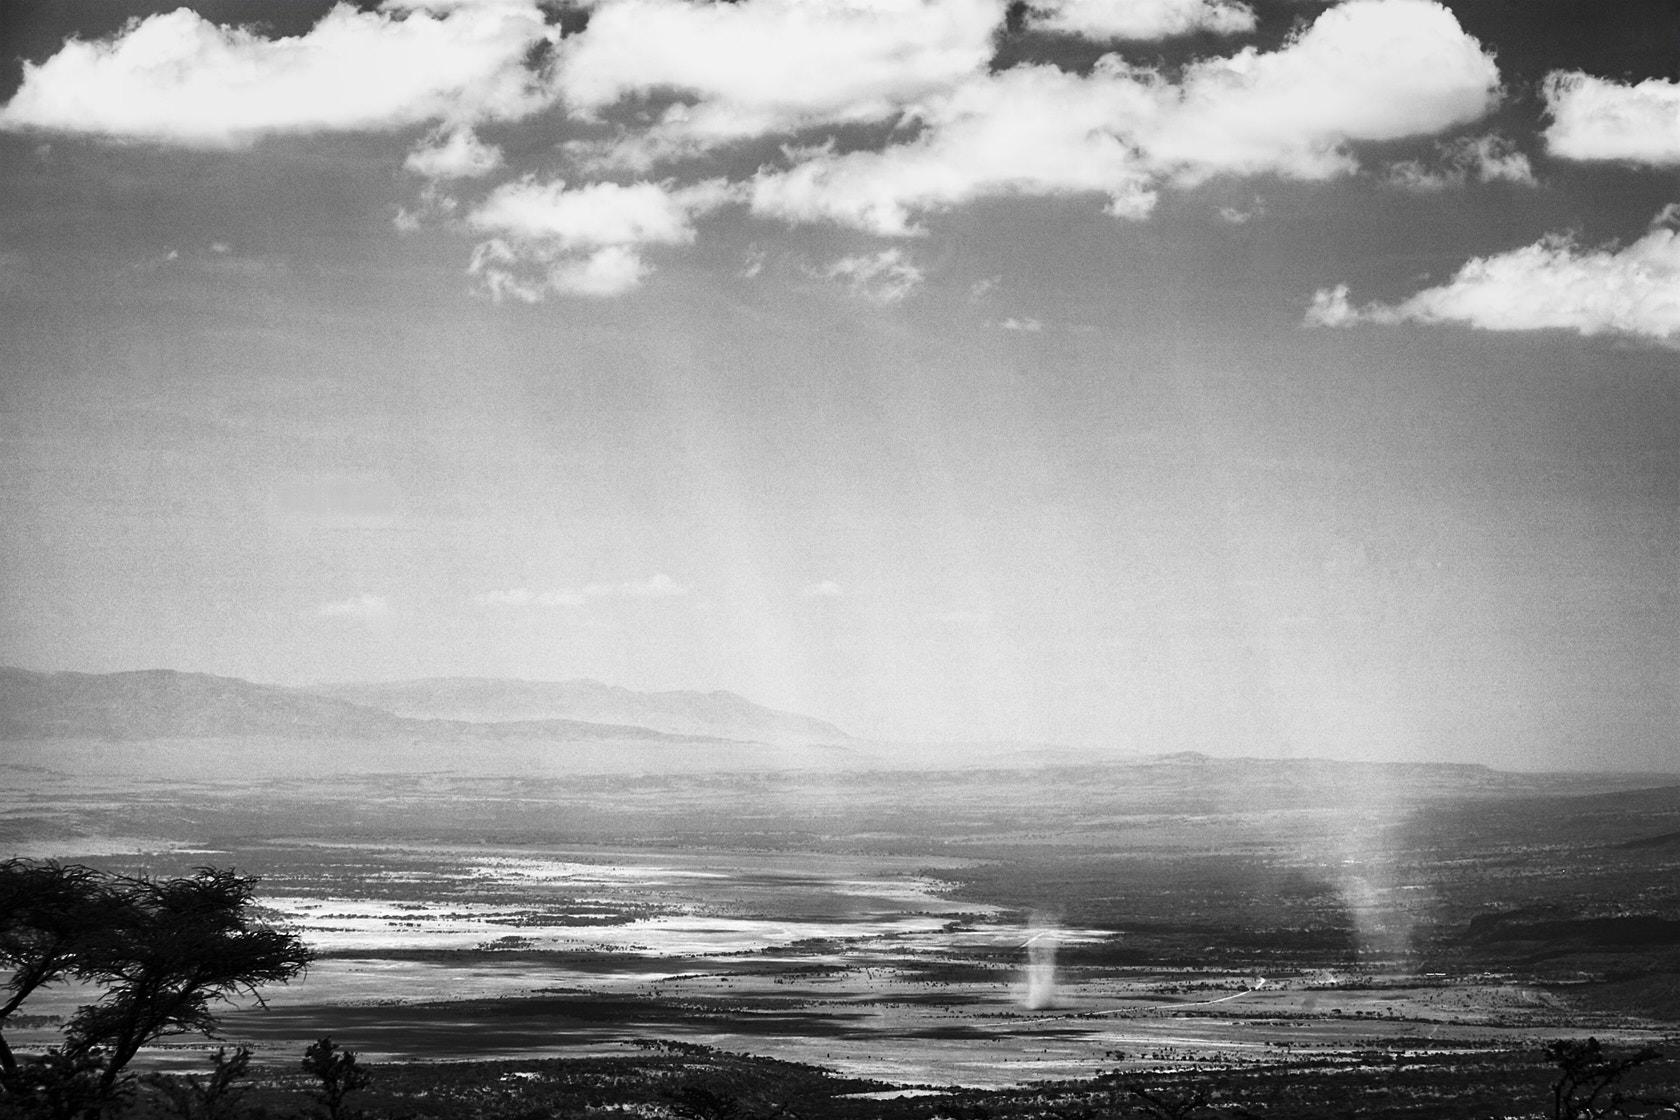 Ngorongoro_Serengeti_safari_Sep 28 2014 1 2.jpg